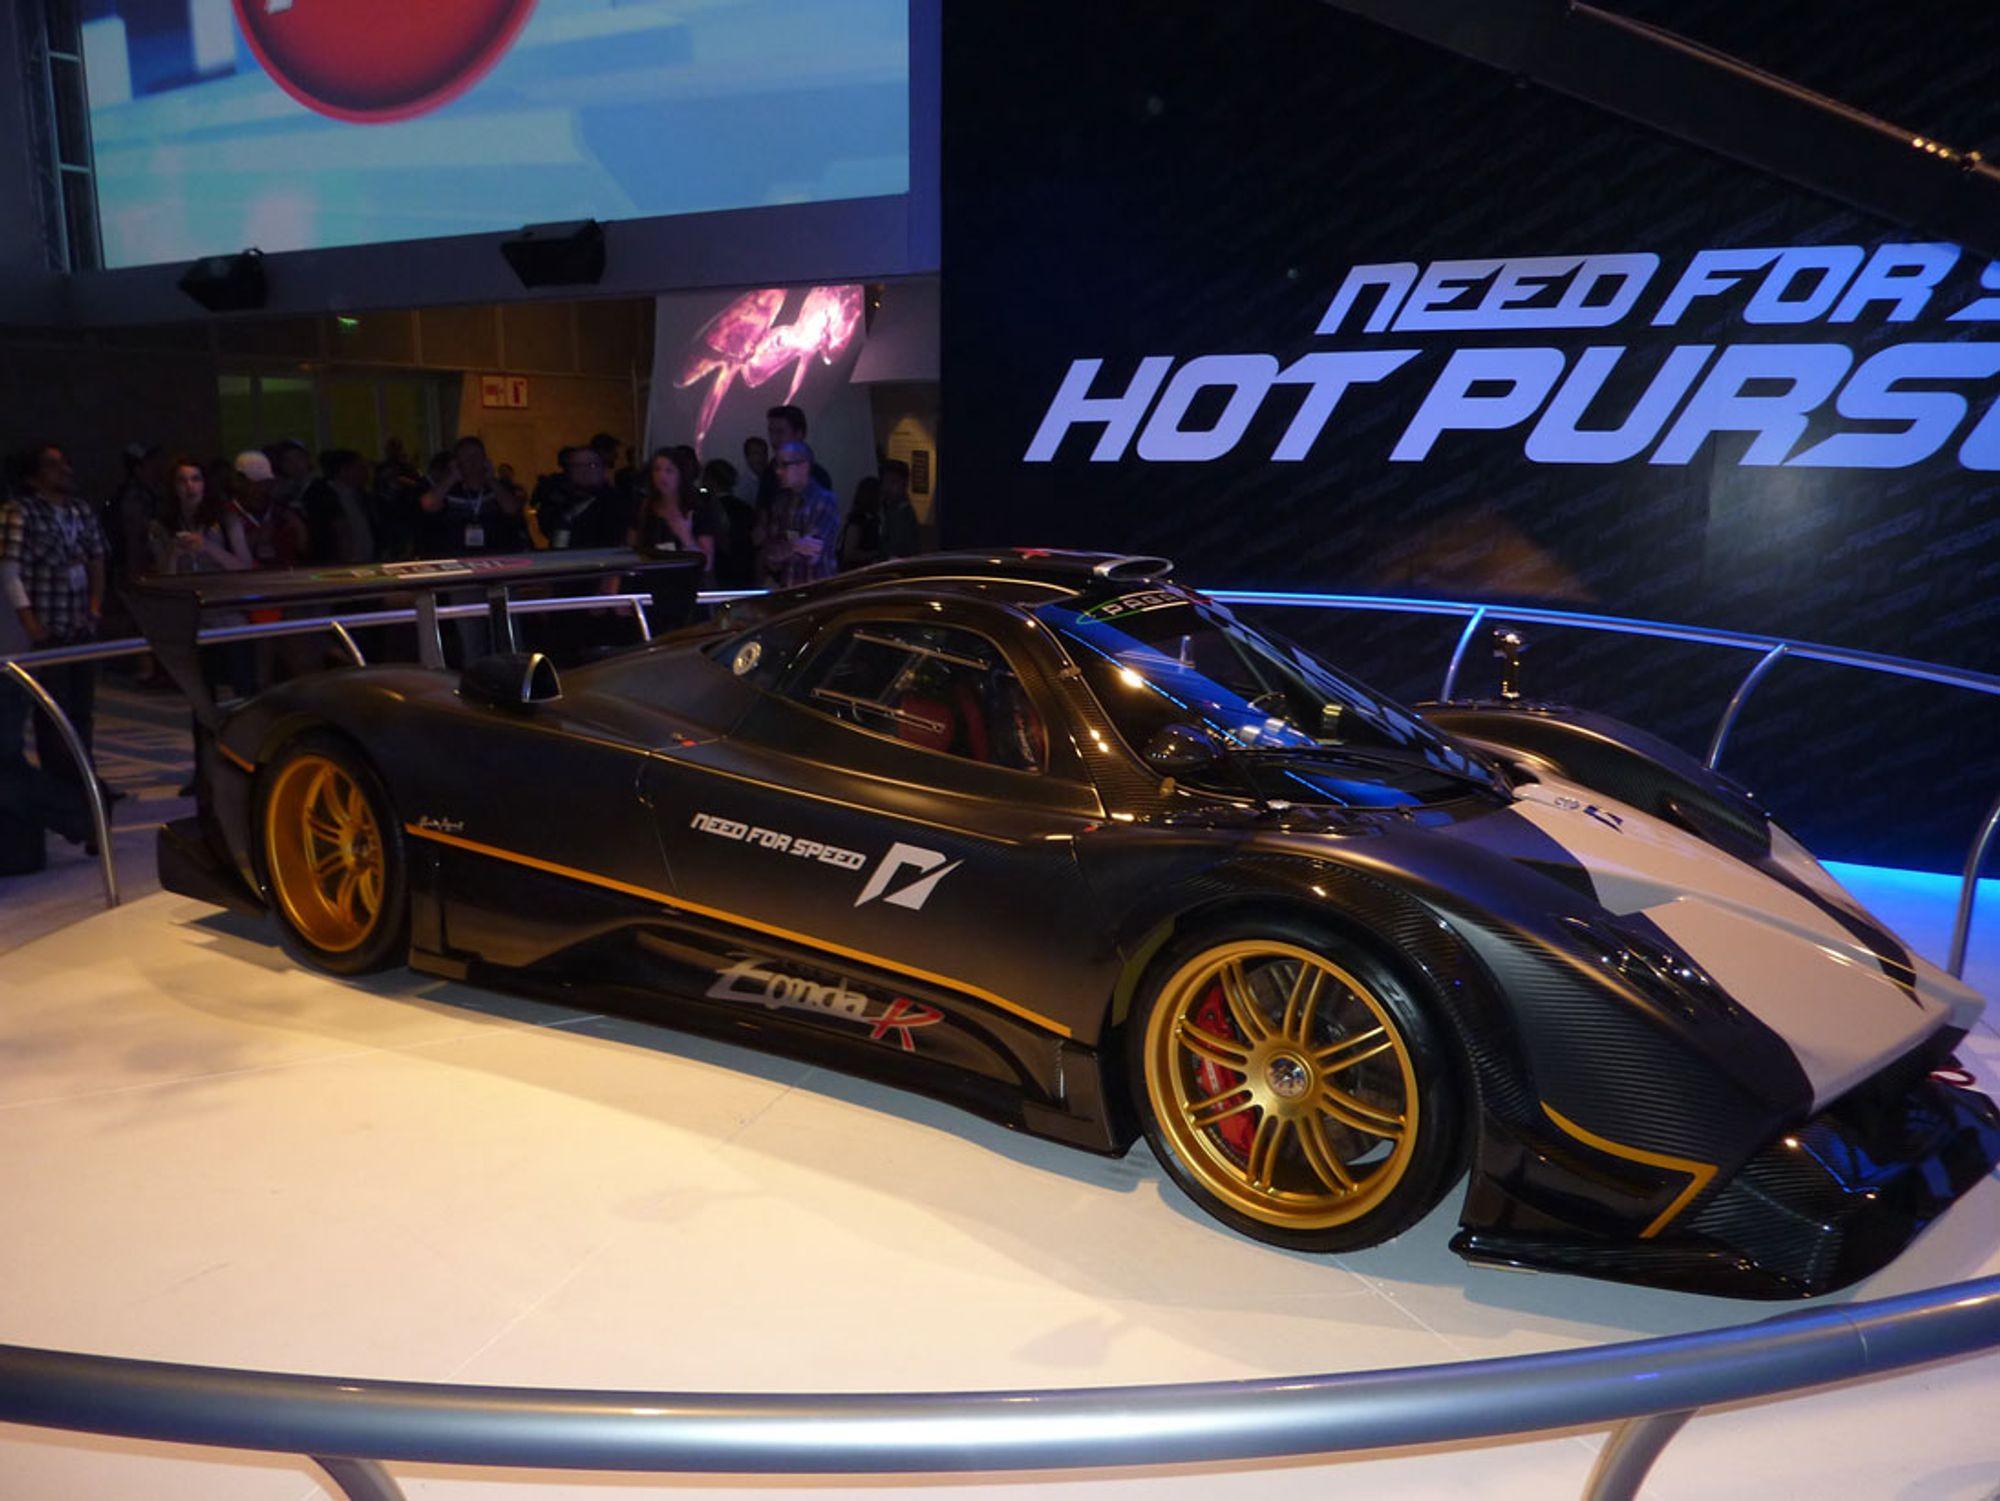 bilder av bil